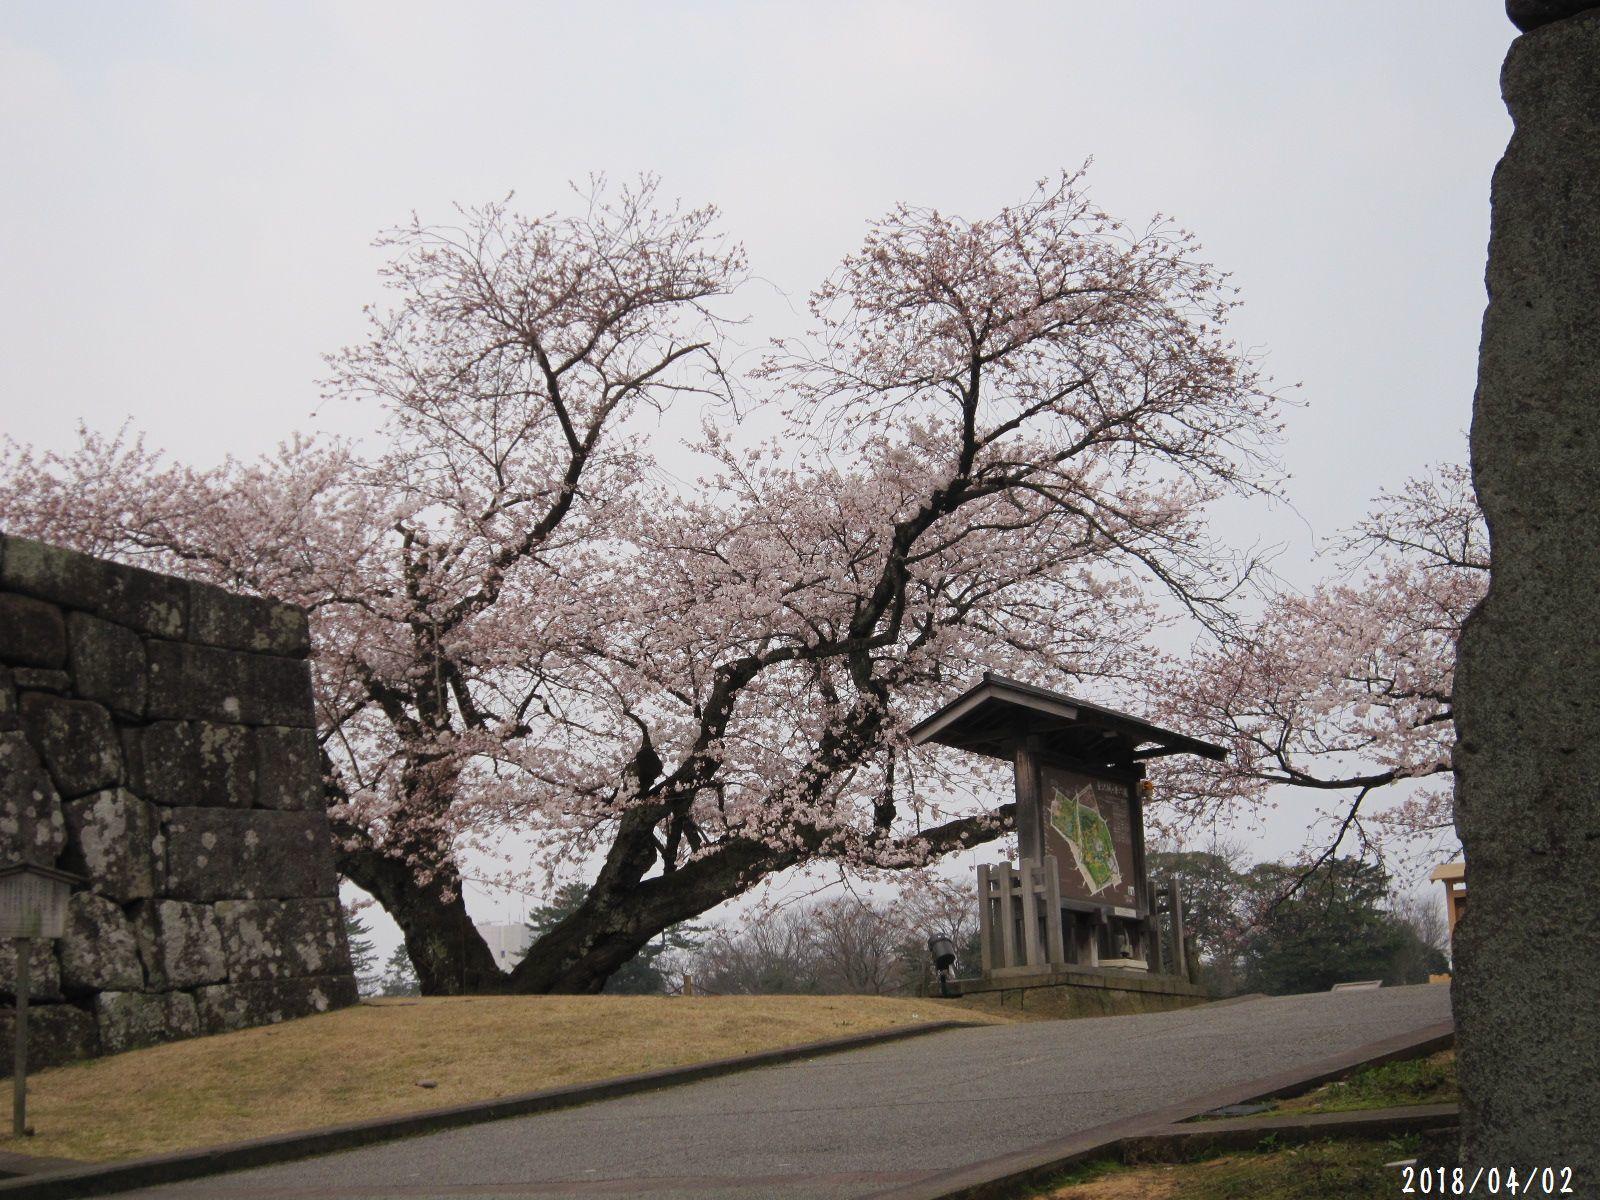 桜だより❀ 満開です❀ (4月7日 追記あり)  _a0207574_17160603.jpg